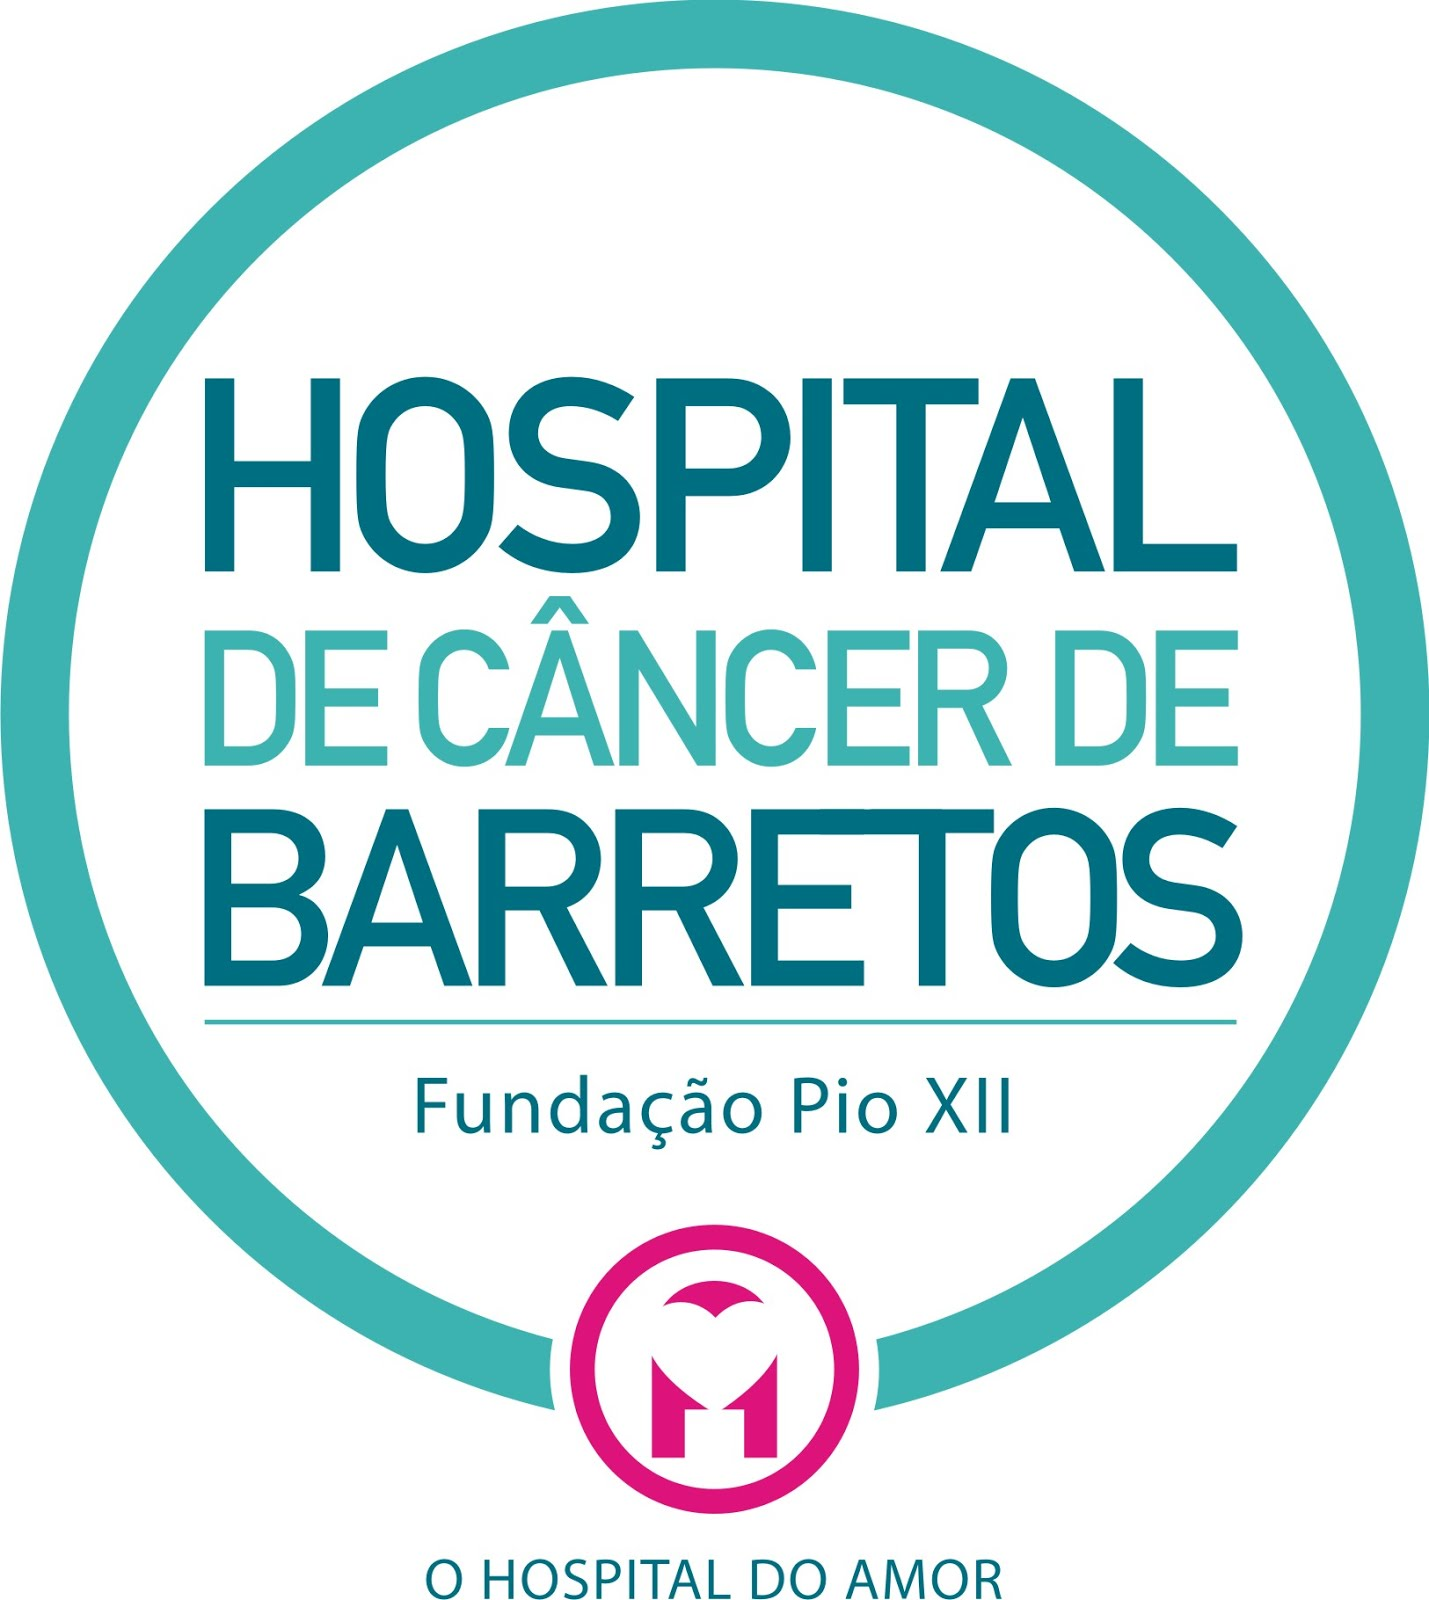 Doações para o Hospital de Câncer de Barretos - SP